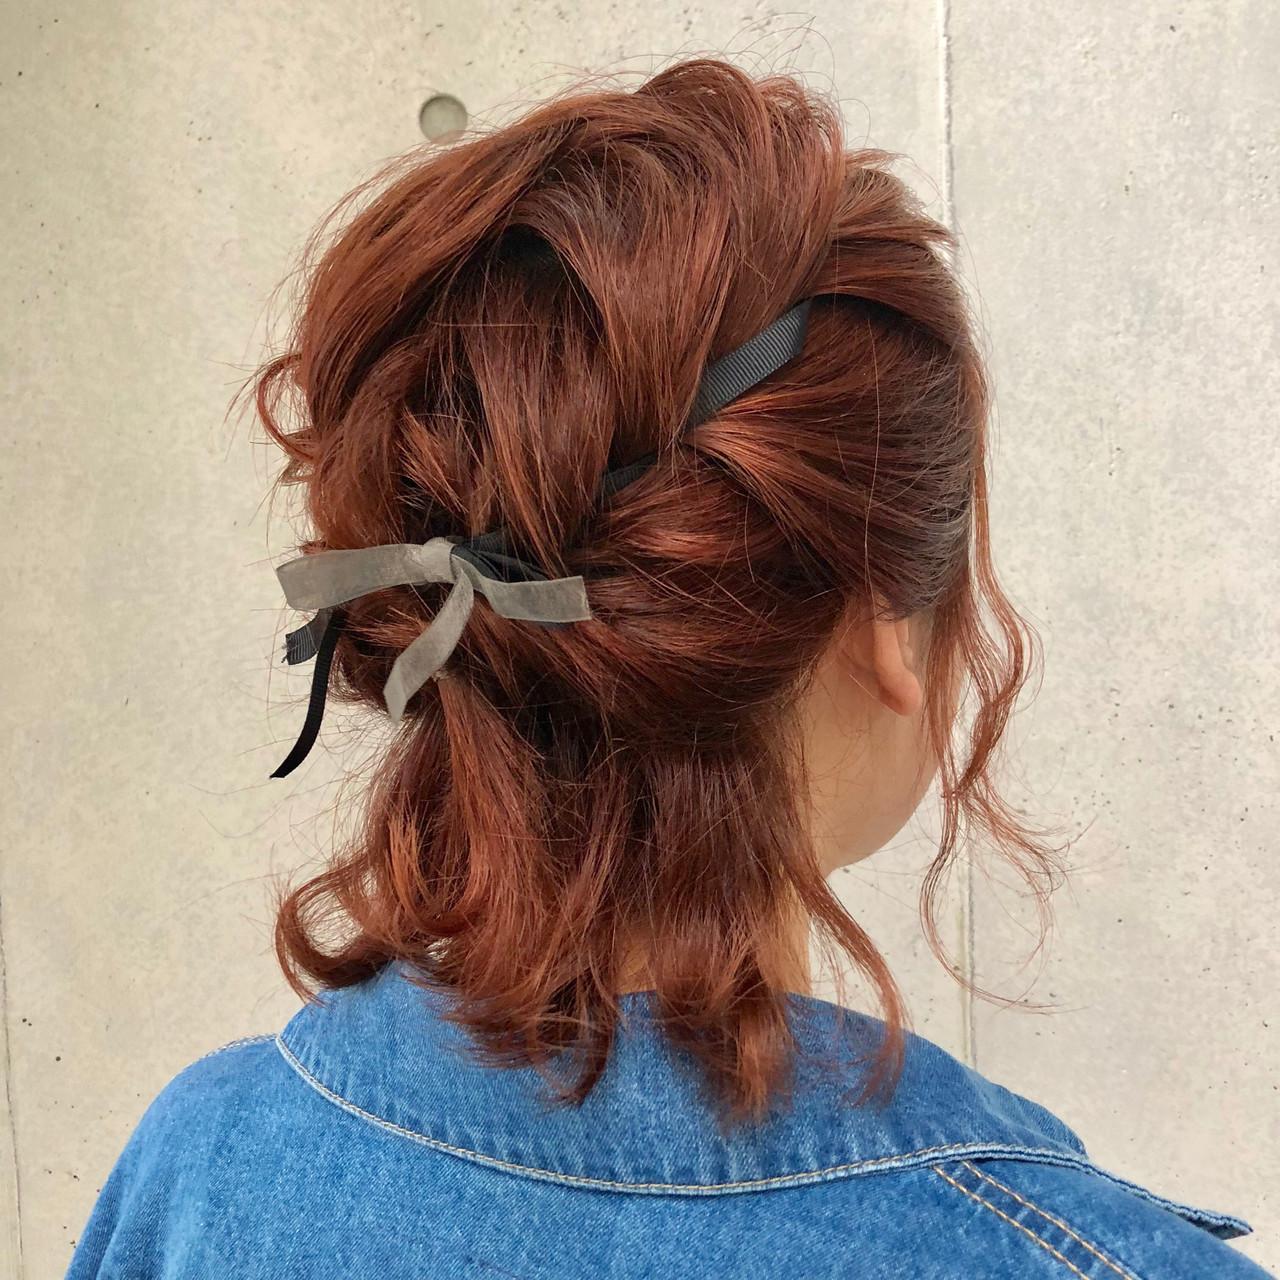 モテボブ 結婚式ヘアアレンジ ヘアアレンジ ナチュラル ヘアスタイルや髪型の写真・画像